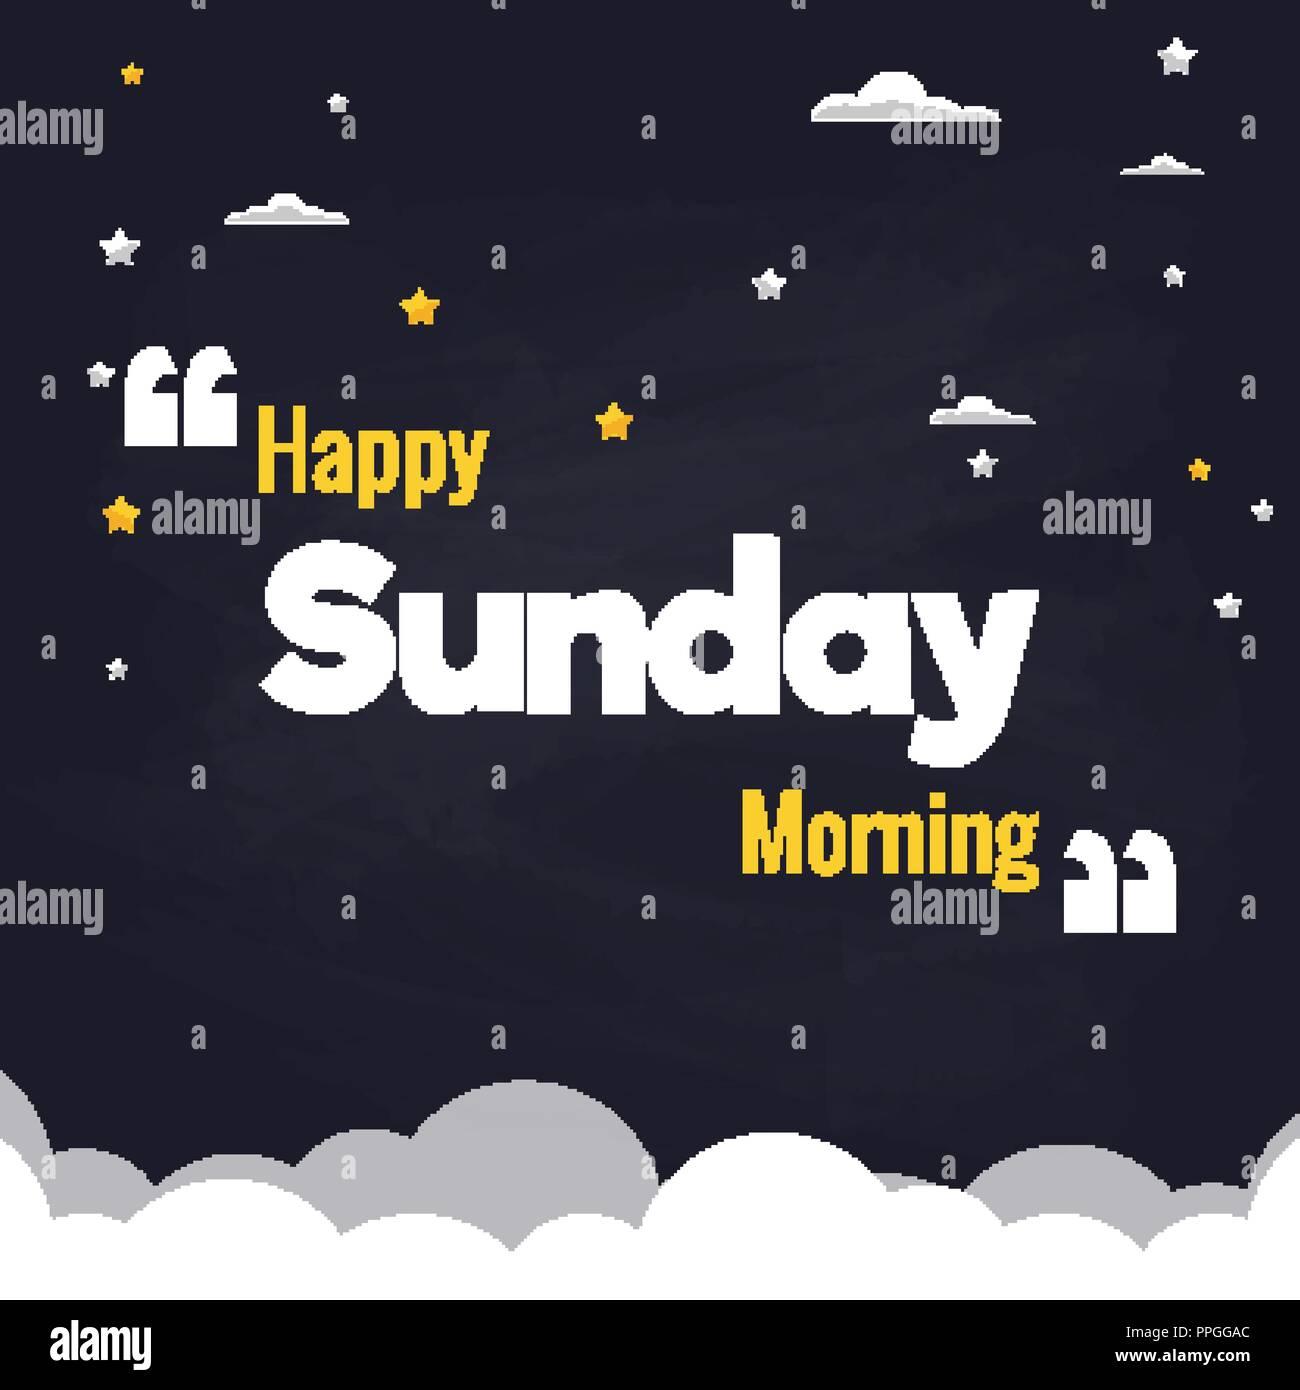 Schönen Sonntag Morgen Flachbild Hintergrund Vektor Design Vektor